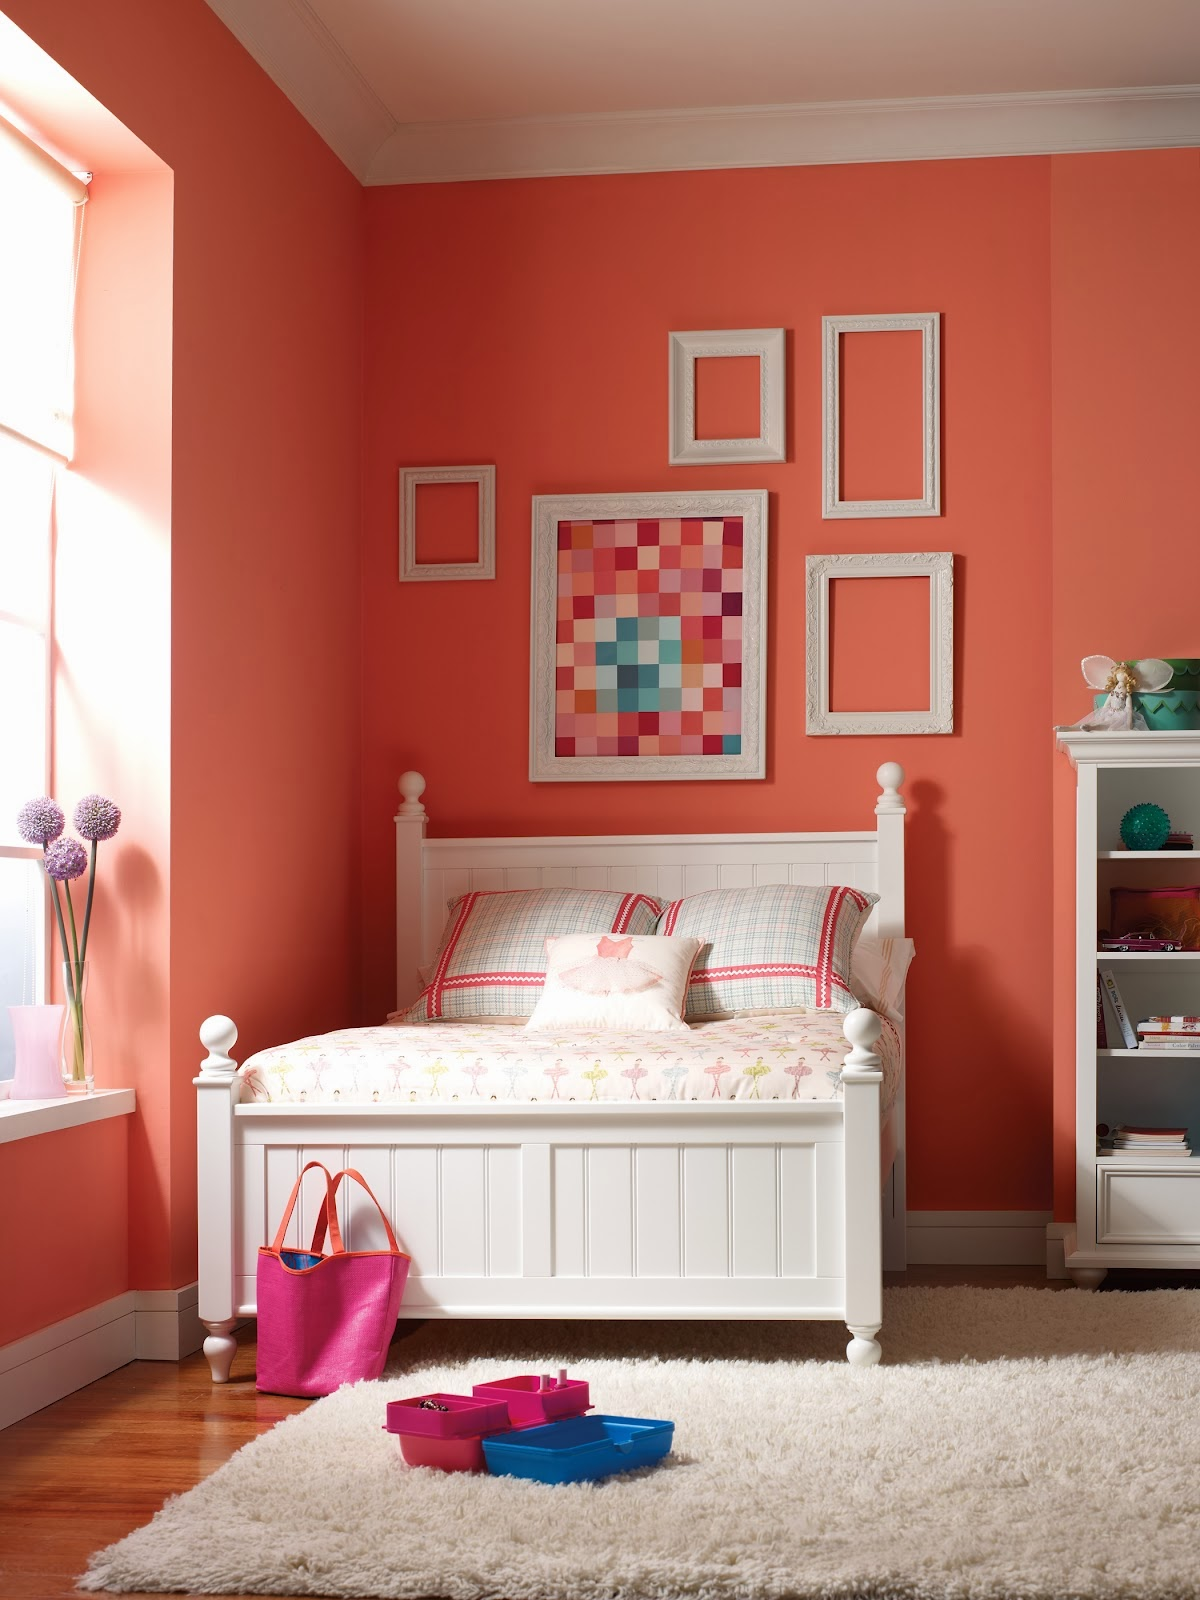 Paredes con color y accesorios neutrales - Habitaciones Para Adolescentes Color Coral